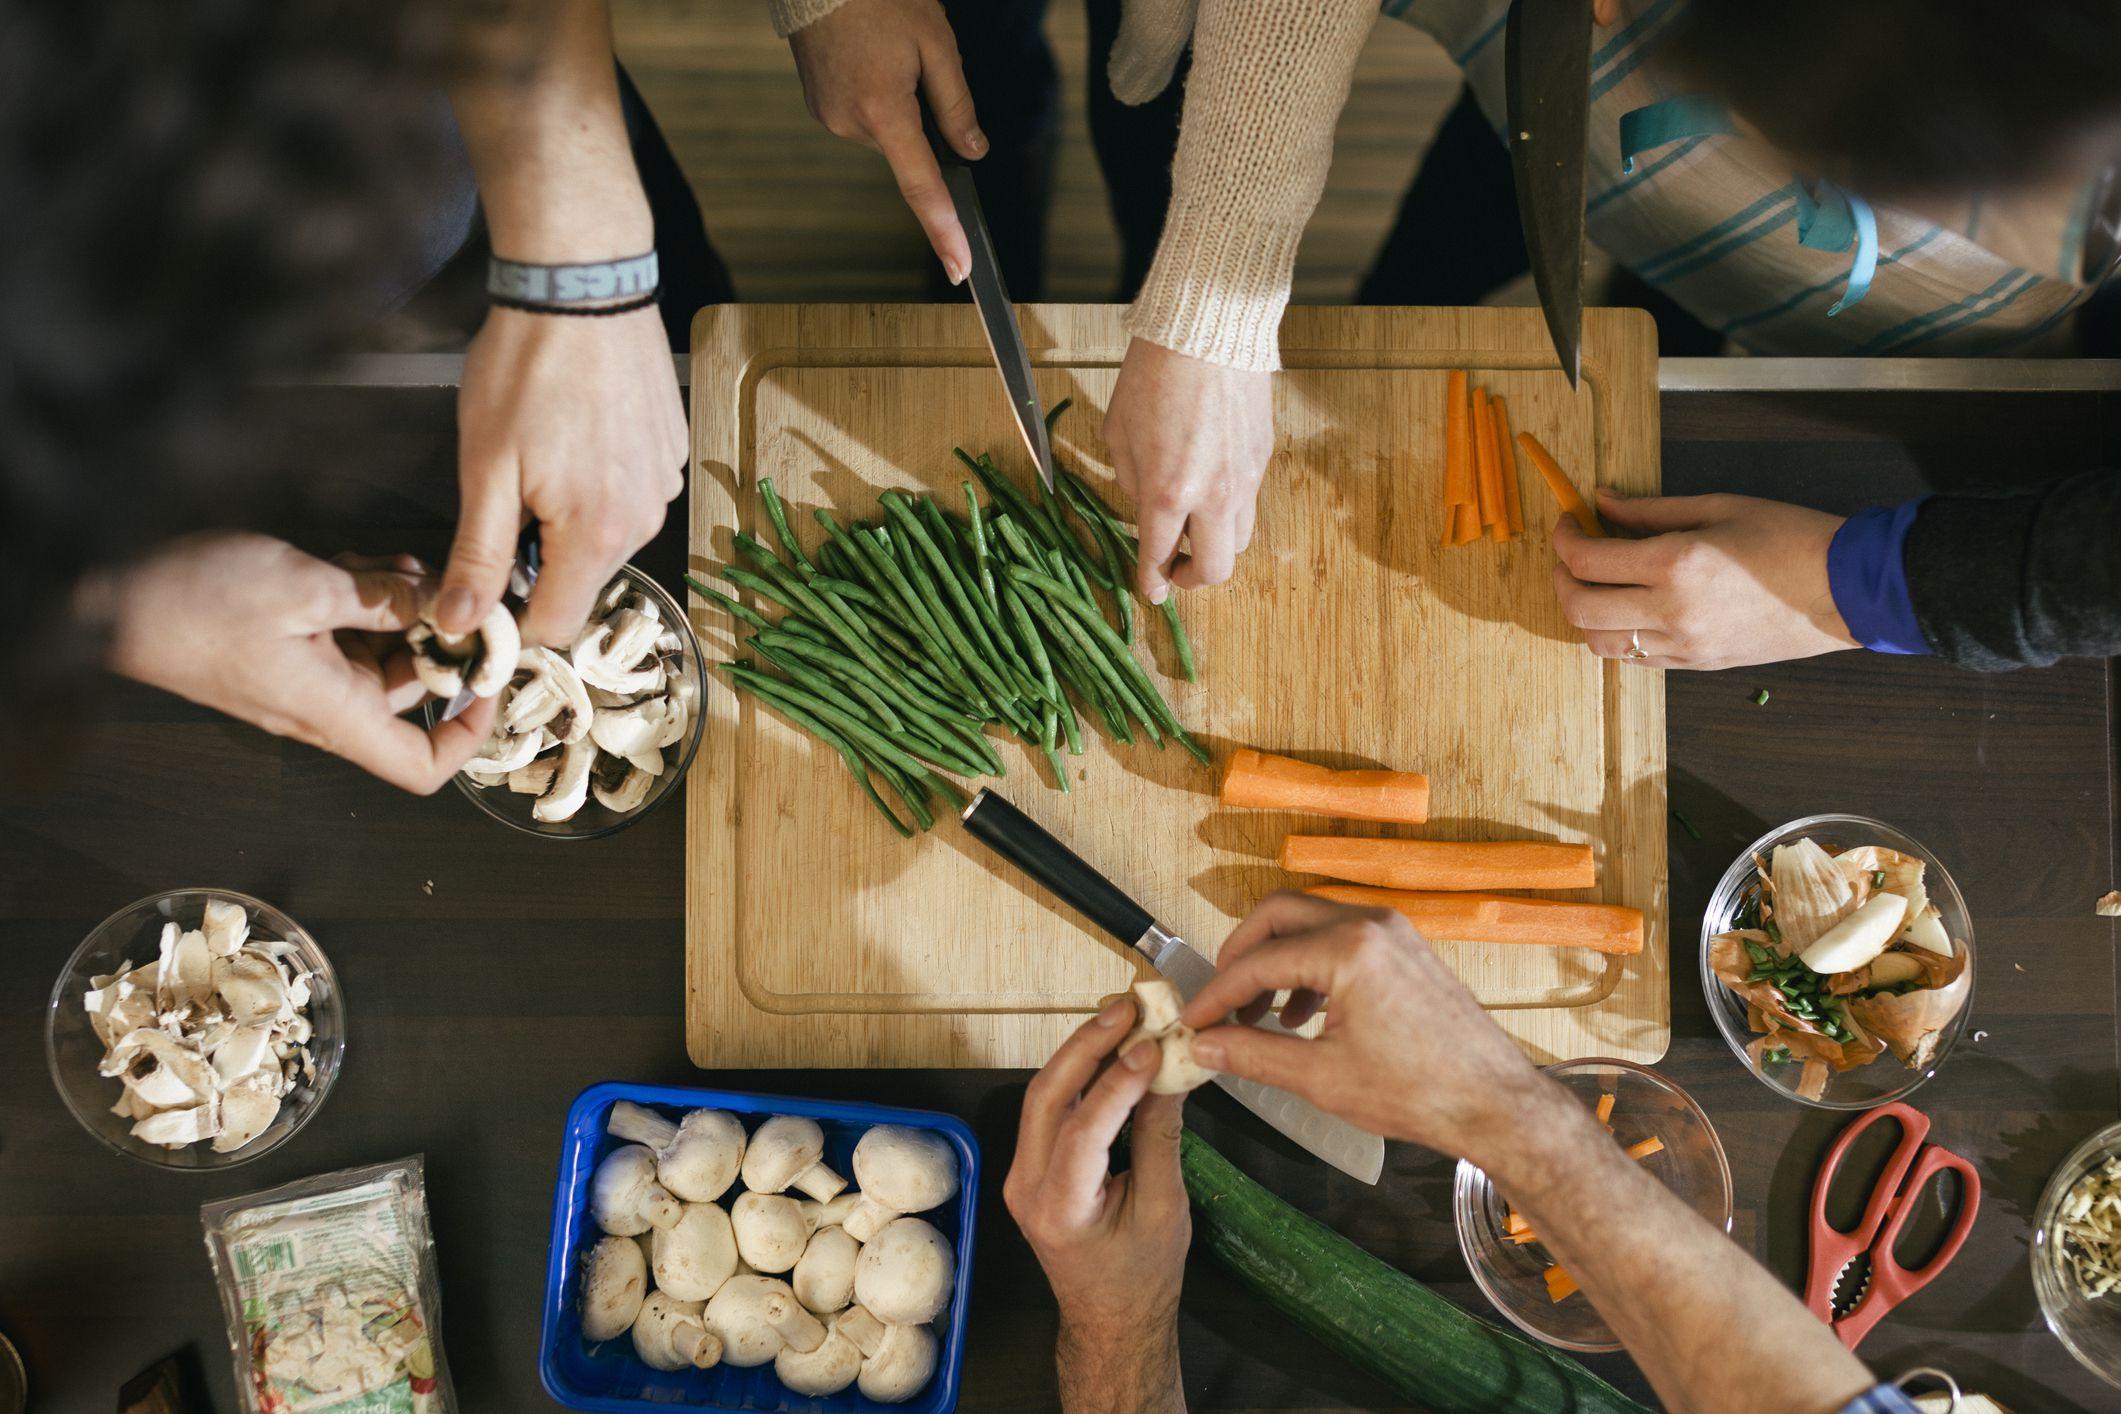 cooking classes in las vegas casinos